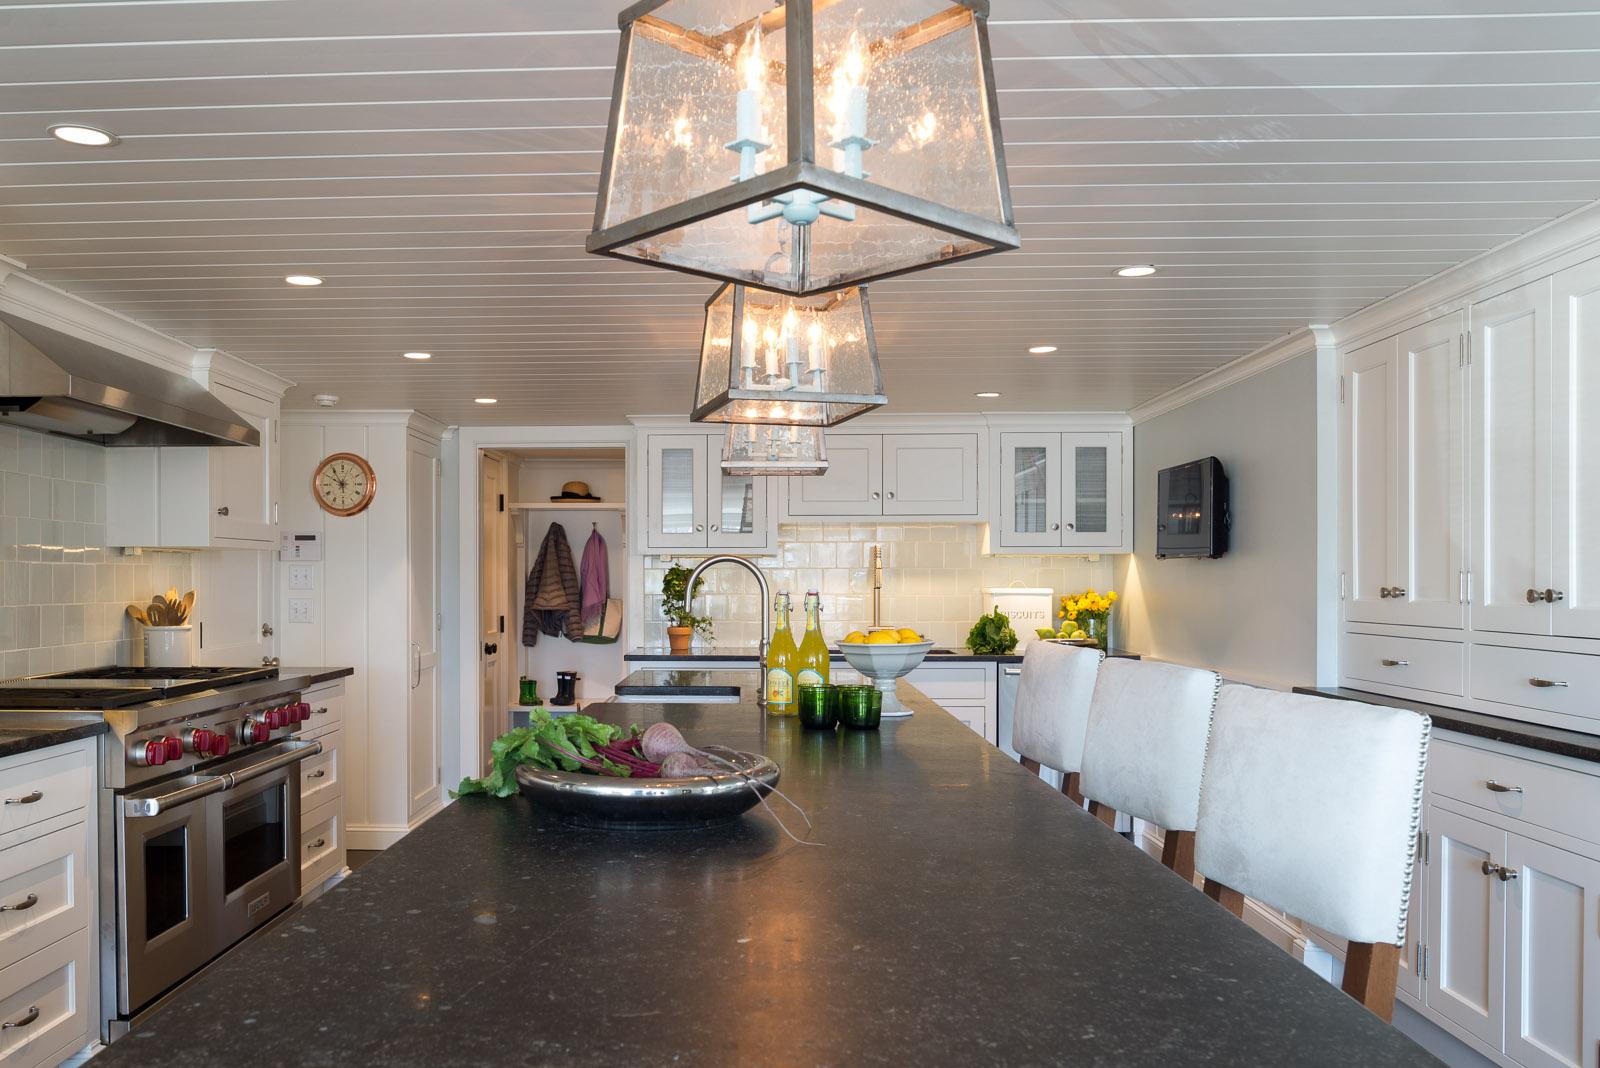 Alisberg_Parker_Beach House_3.jpg